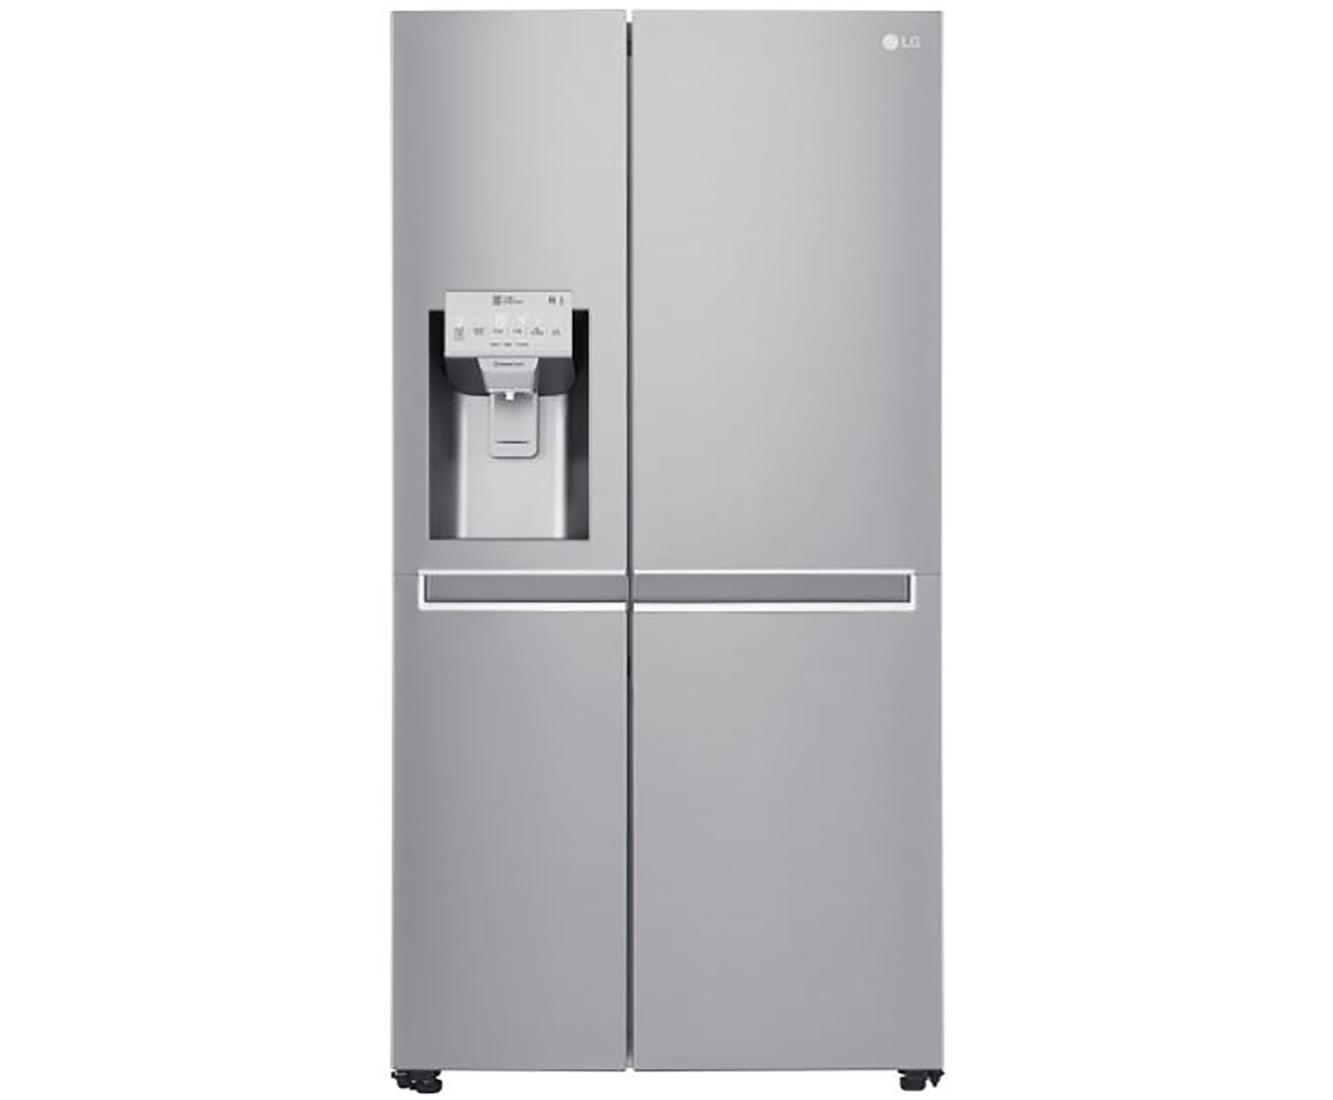 Amerikanischer Kühlschrank Türkis : Kühlschrank lg perspektive küche mit side by kühlschrank